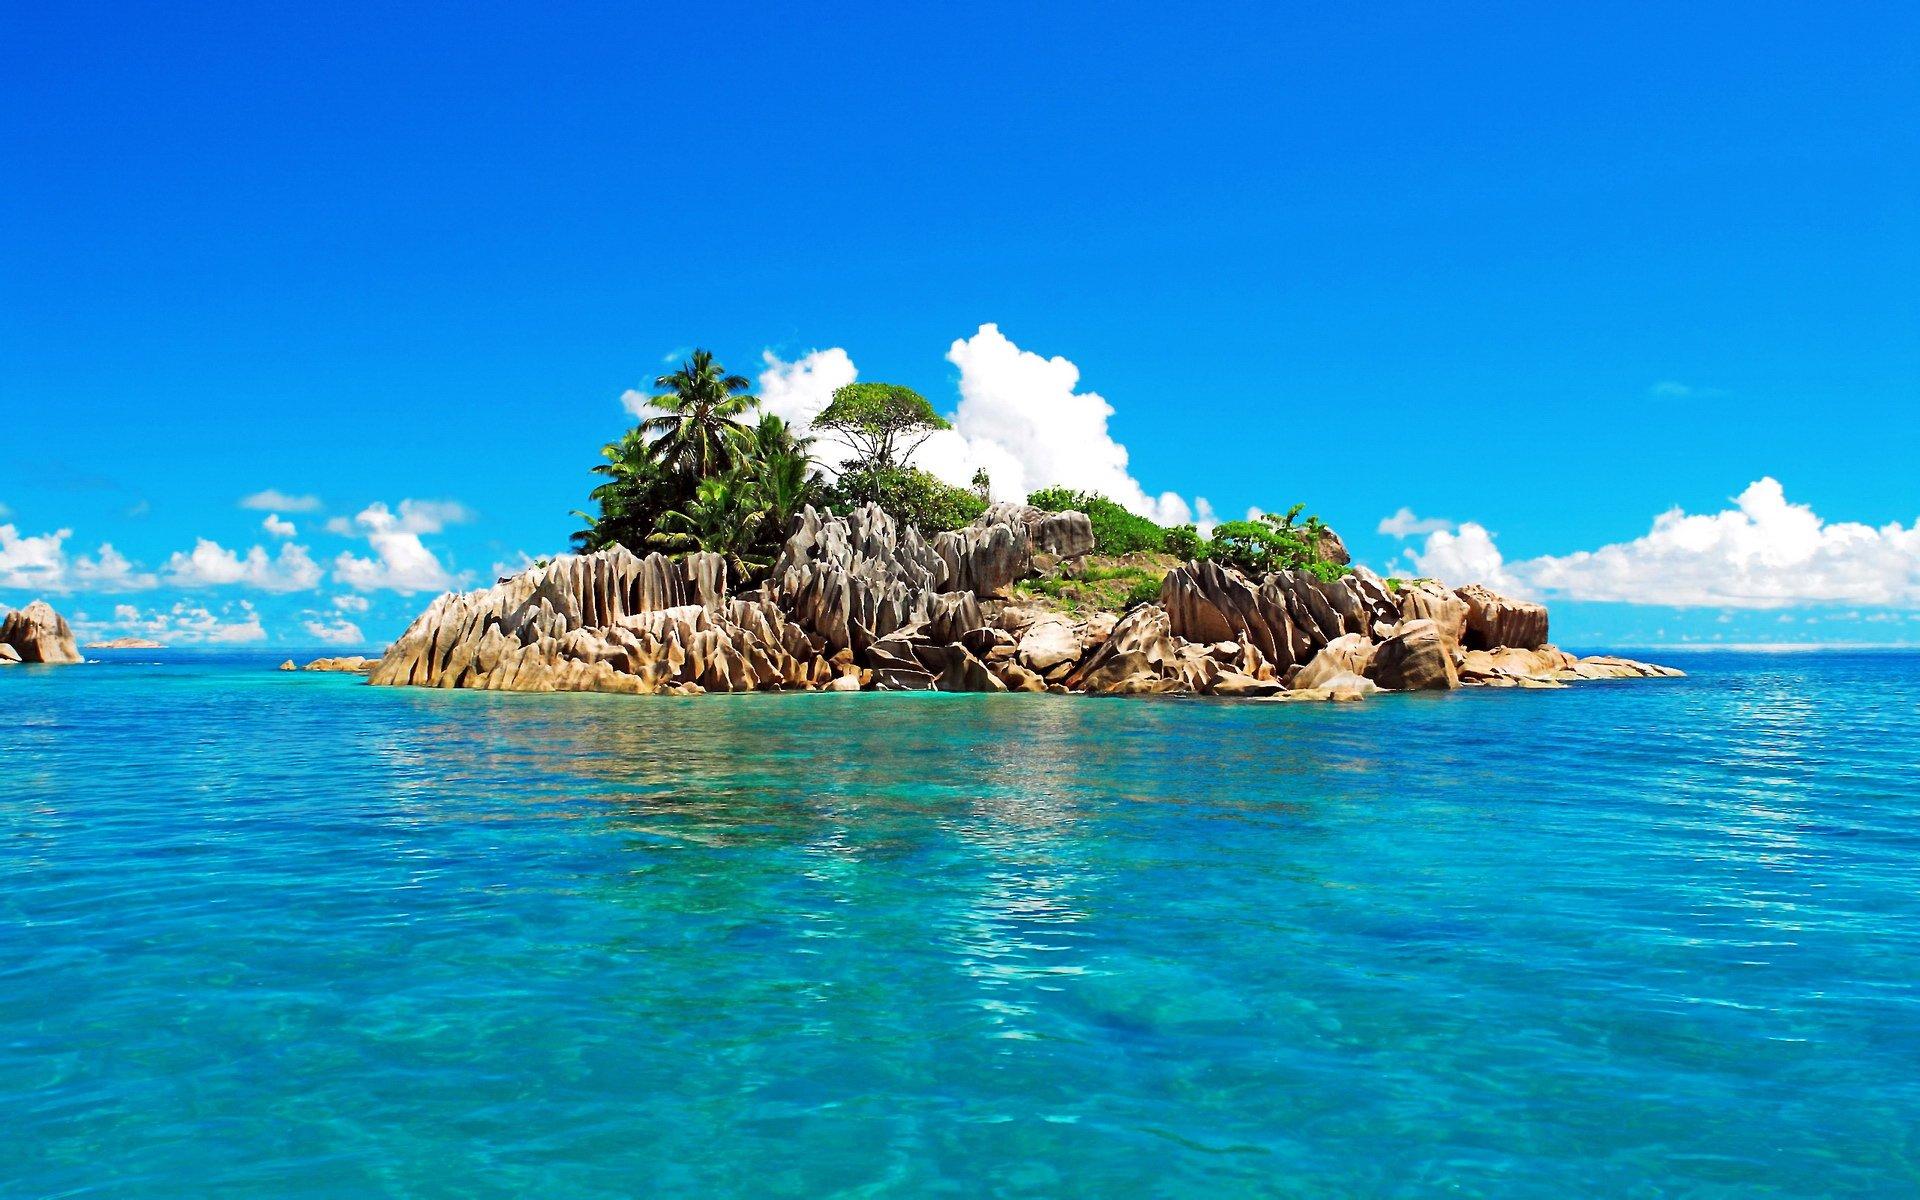 海边的椰子树唯美高清风景桌面壁纸 风景壁纸 壁纸